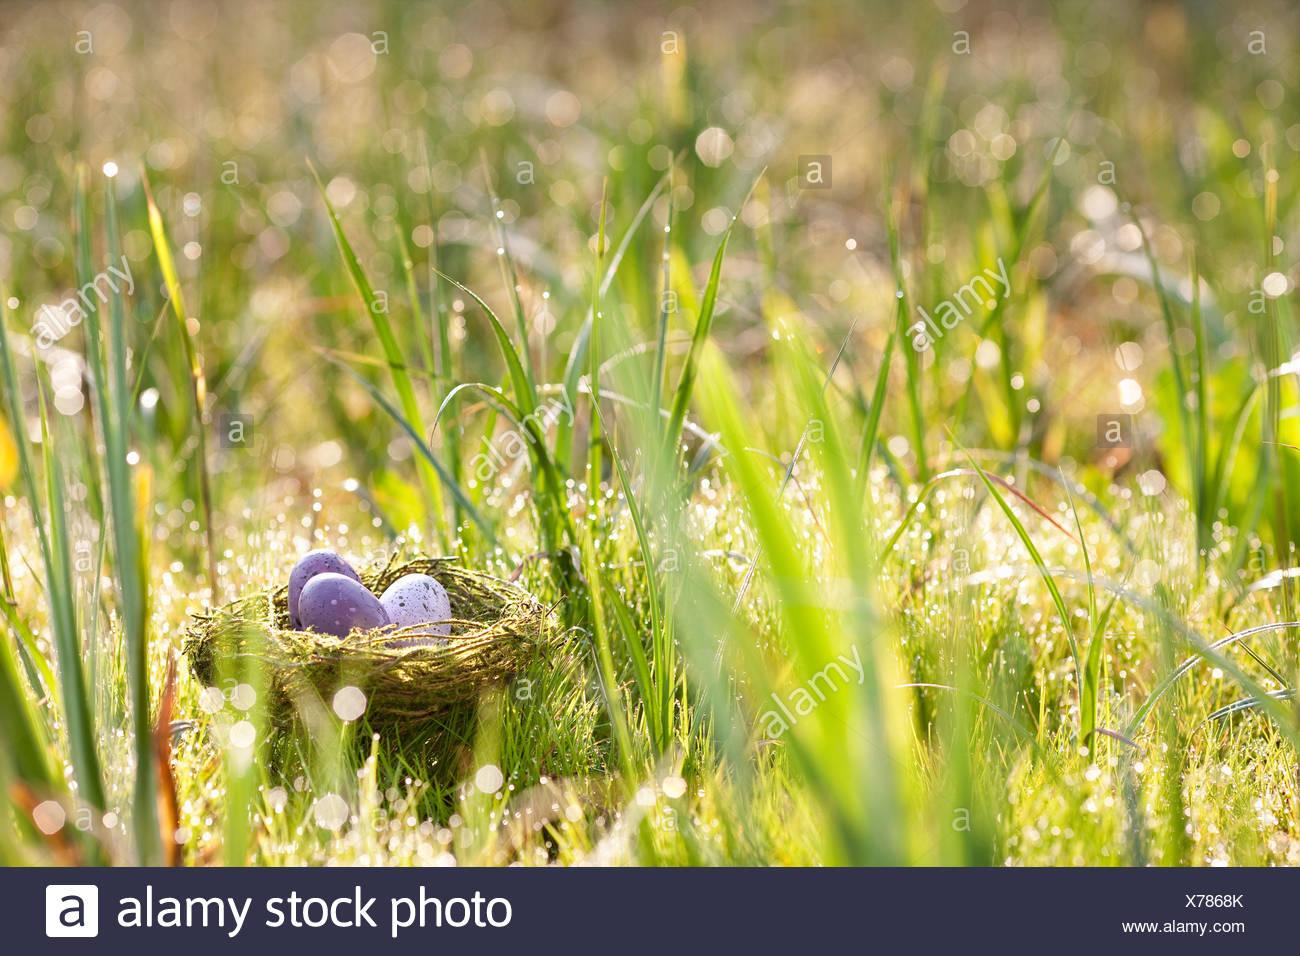 Speckled eggs nestled in bird's nest - Stock Image